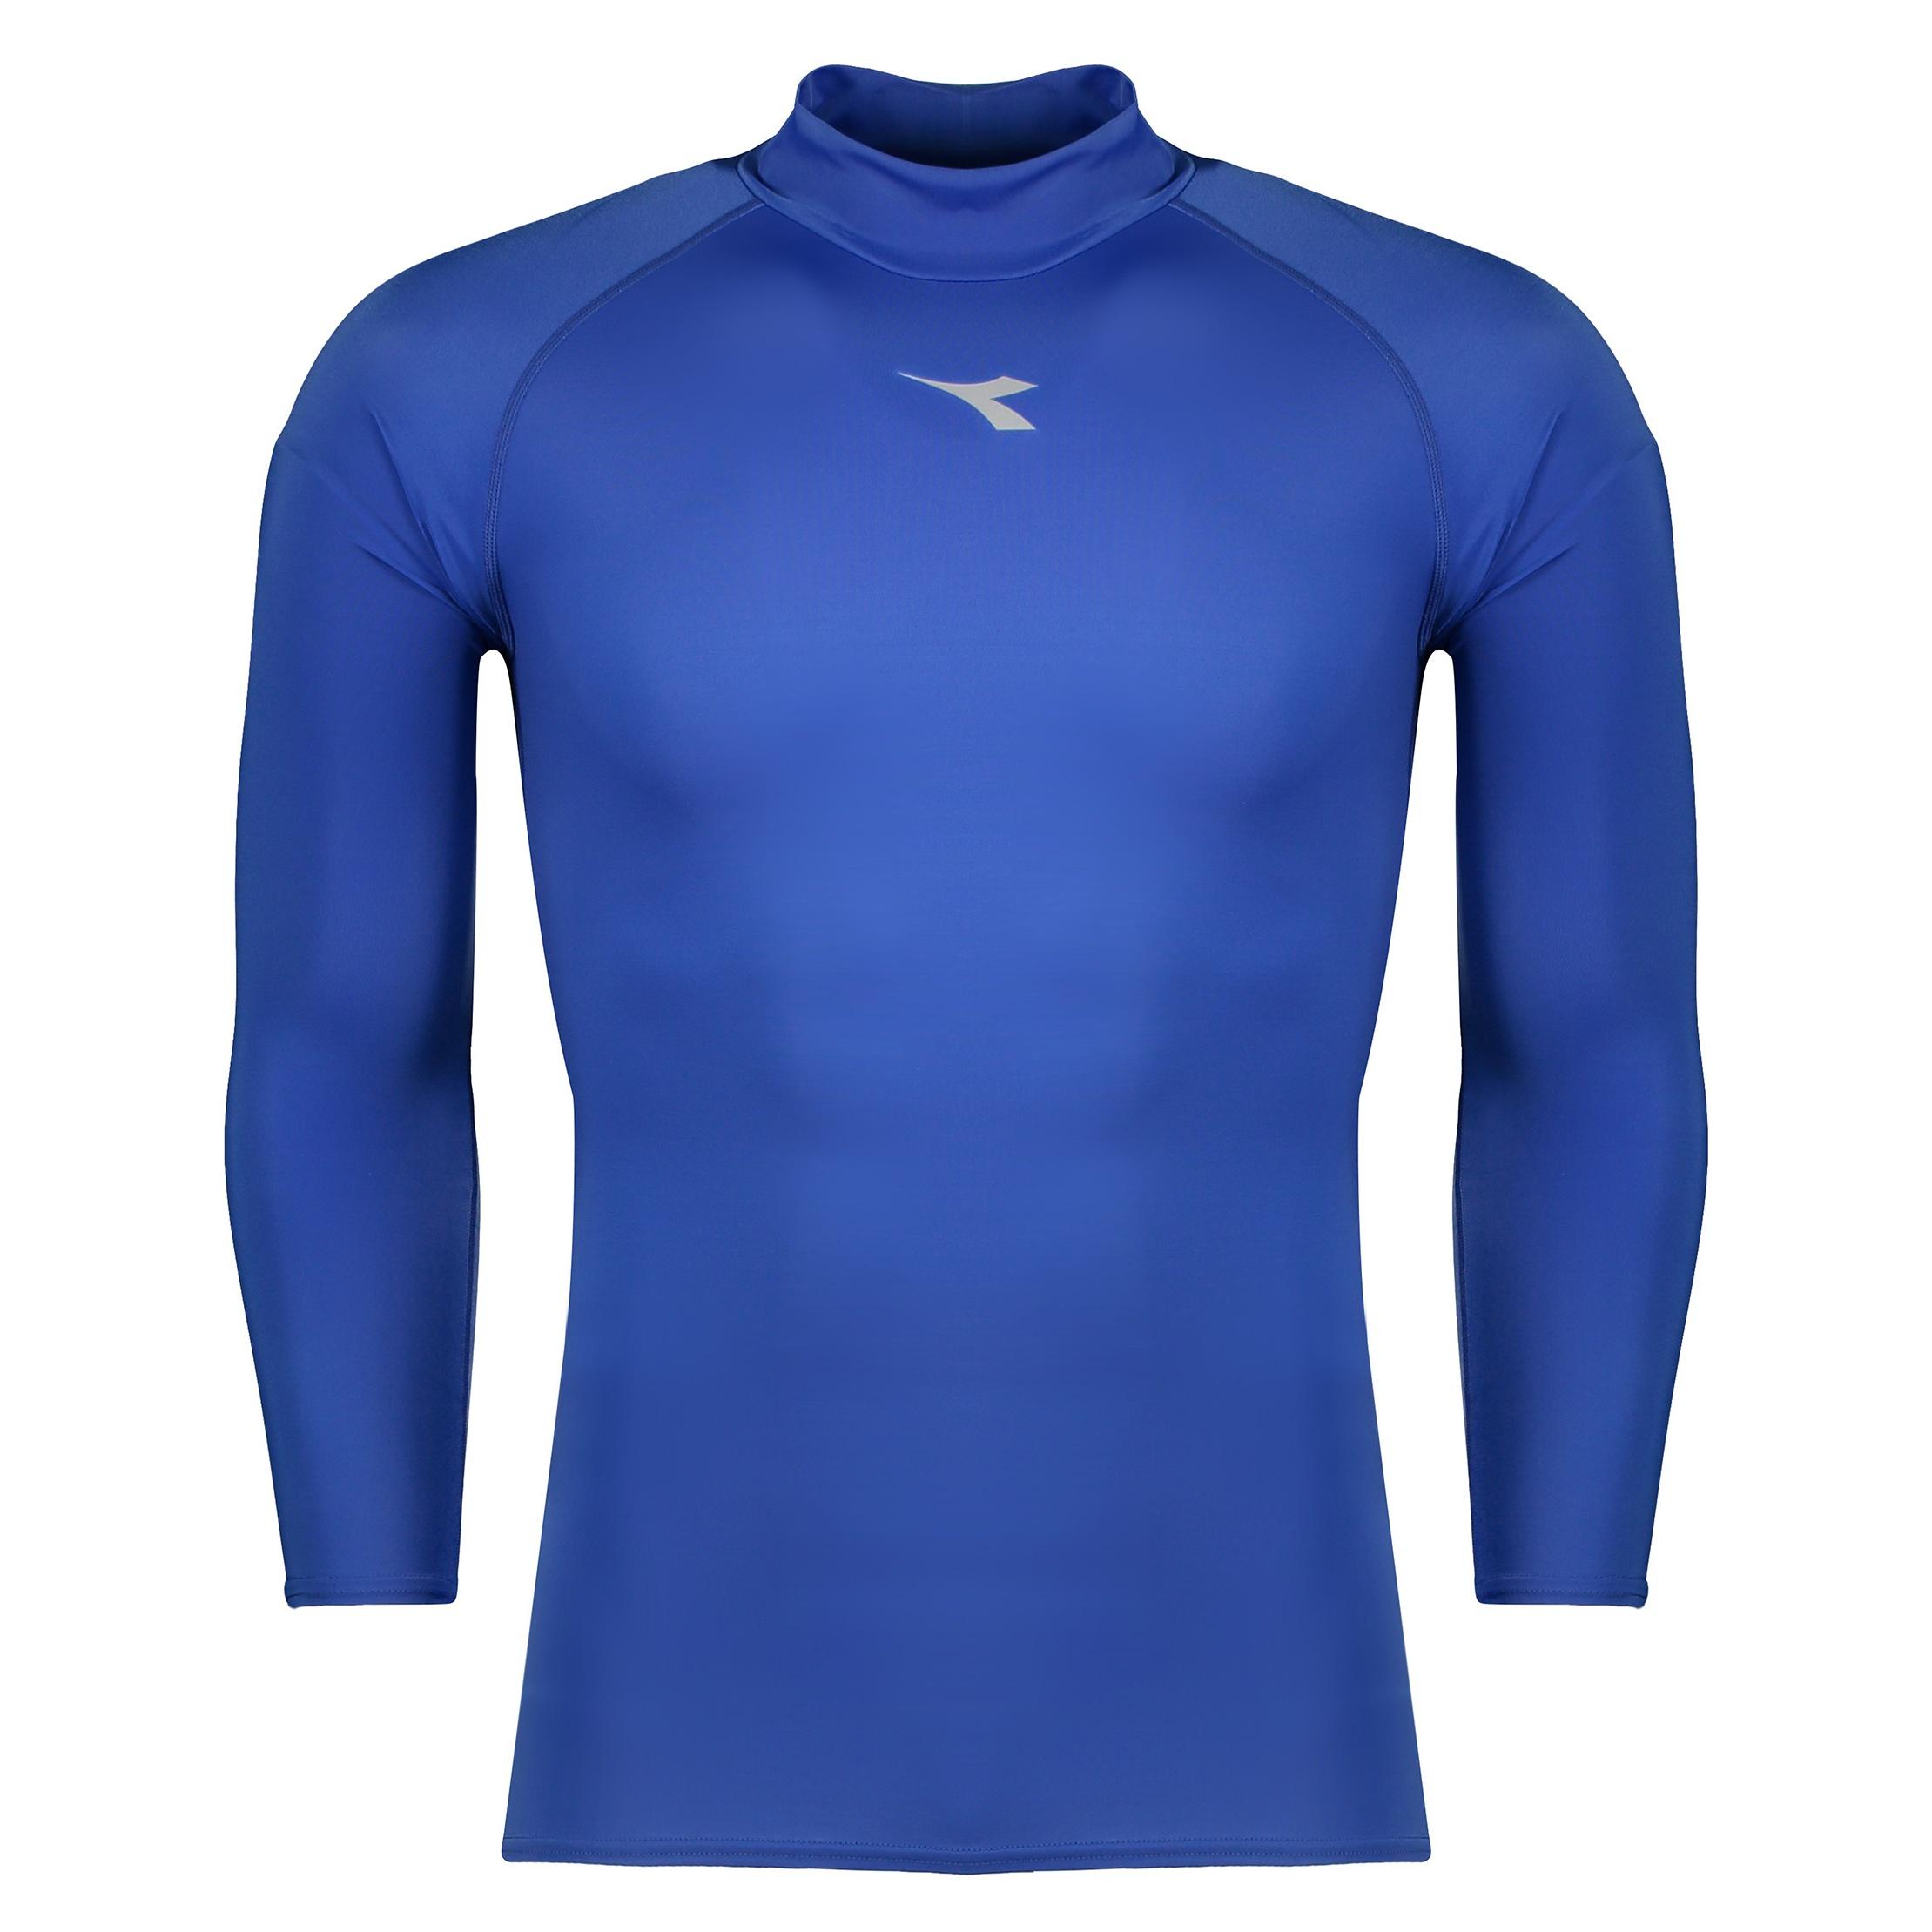 تی شرت ورزشی مردانه دیادورا مدل VSN-9500-BLU